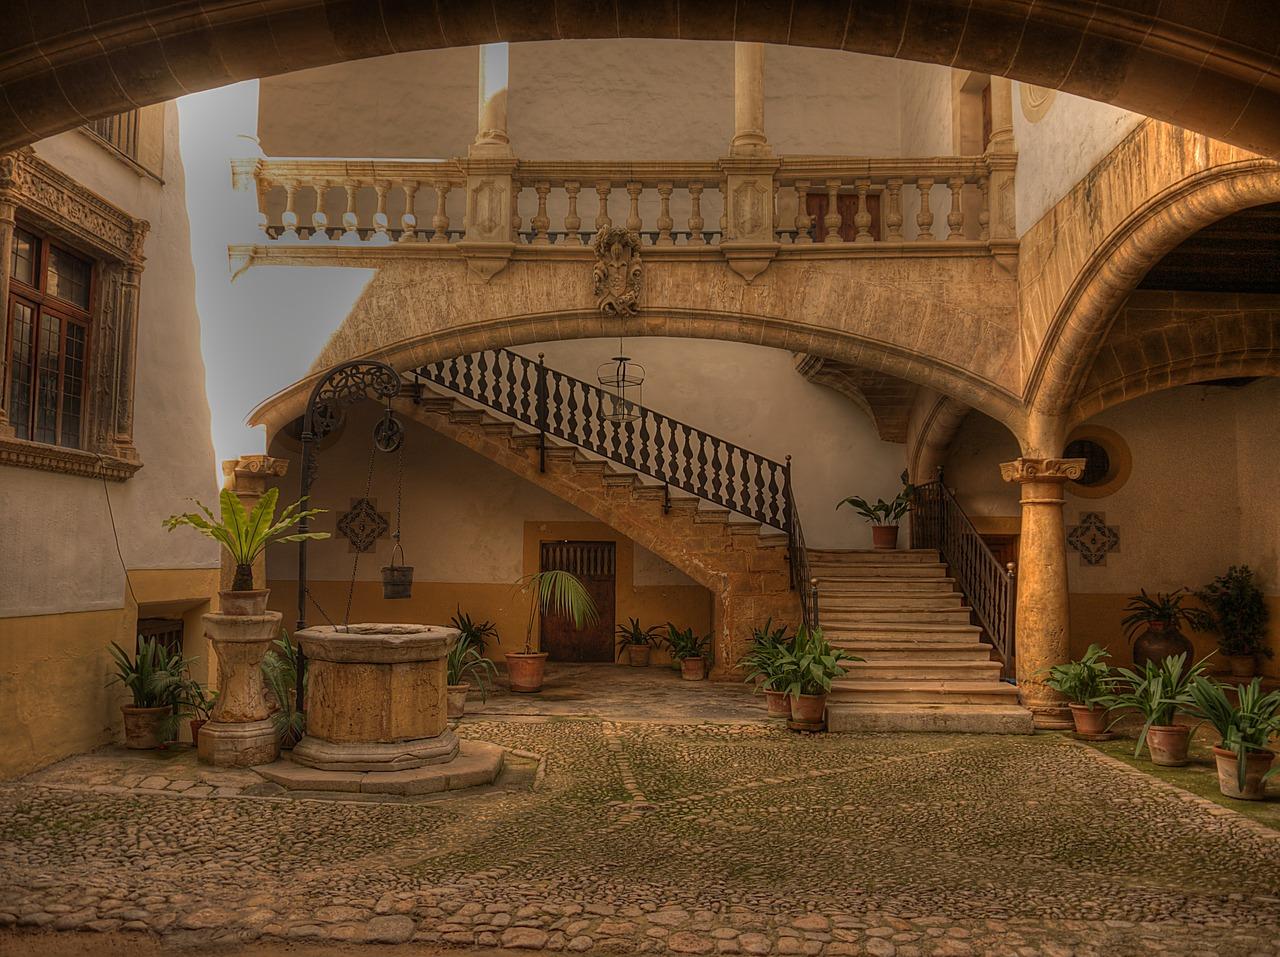 Palma de Mallorca / Can Oleza